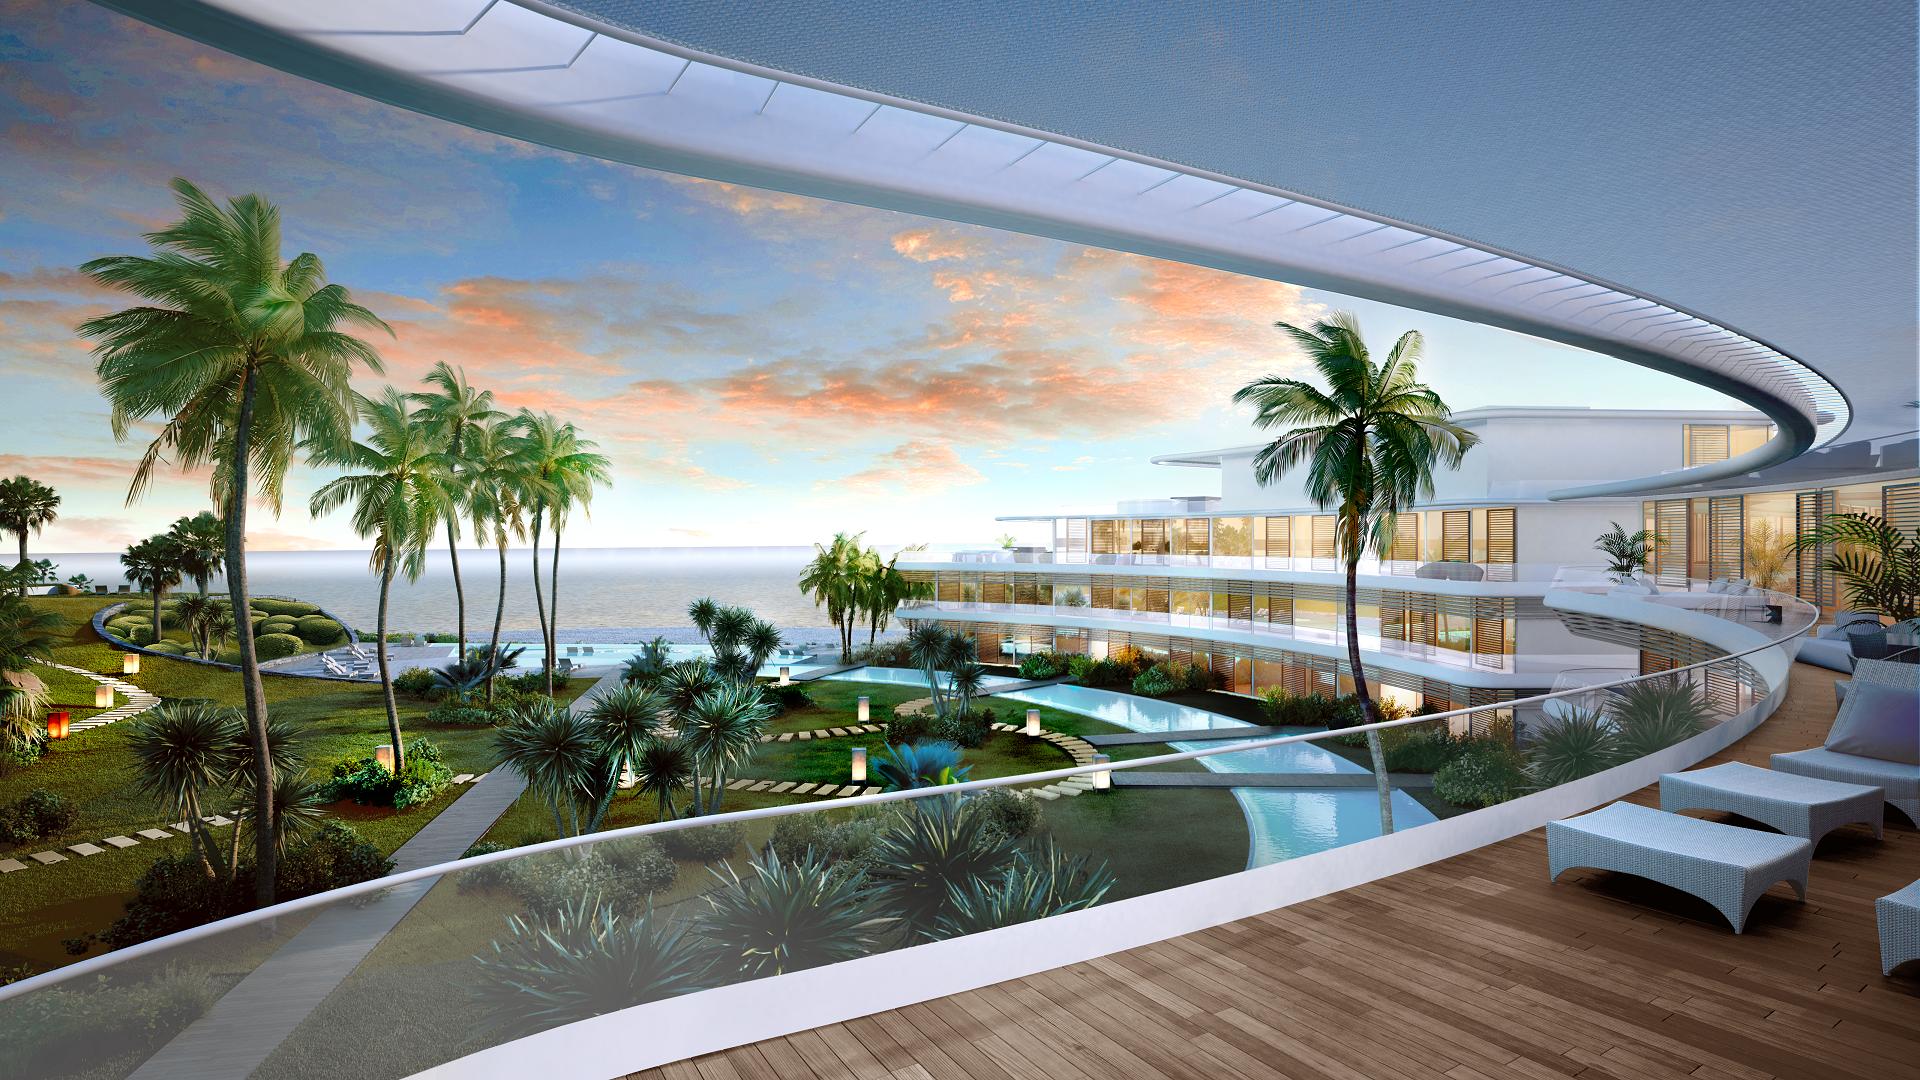 The edge estepona apartamentos de estilo contempor neo en venta sobre plano en primera l nea - Apartamentos en venta en estepona ...